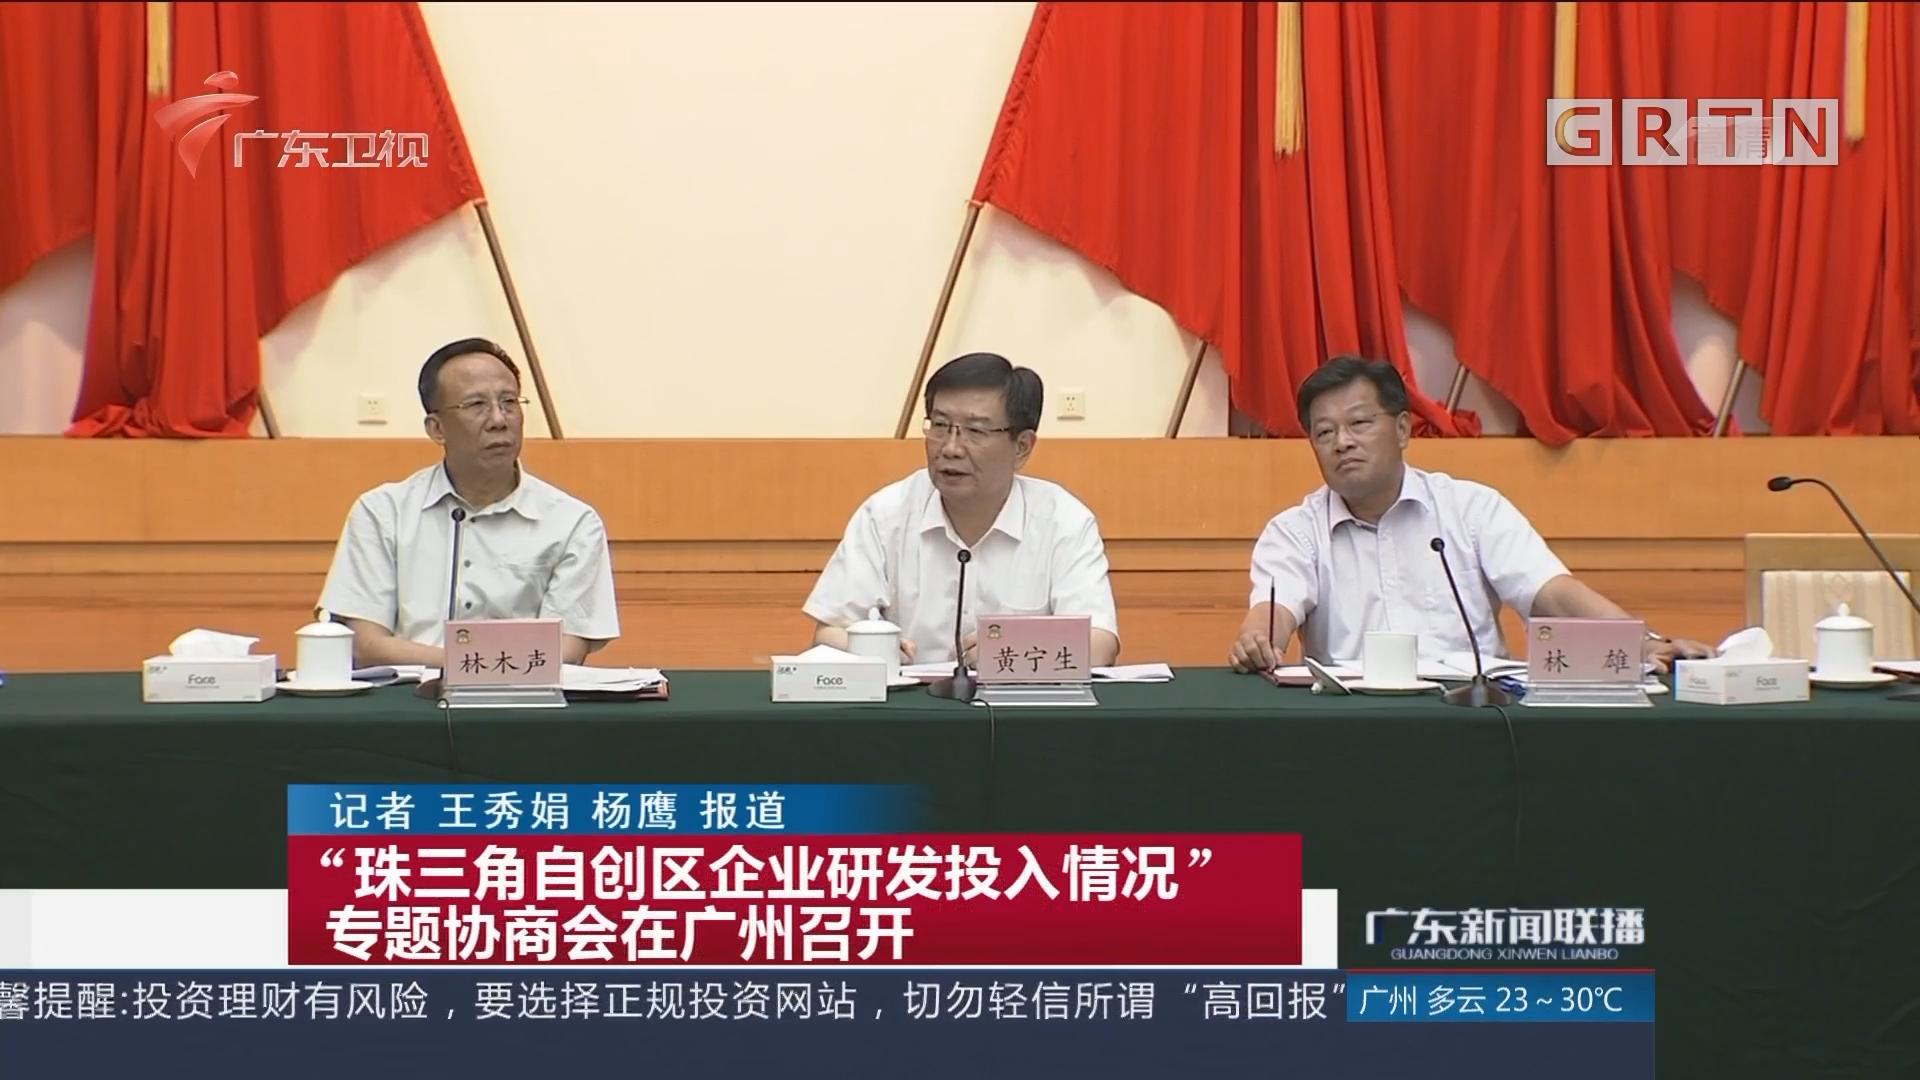 """""""珠三角自创区企业研发投入情况""""专题协商会在广州召开"""